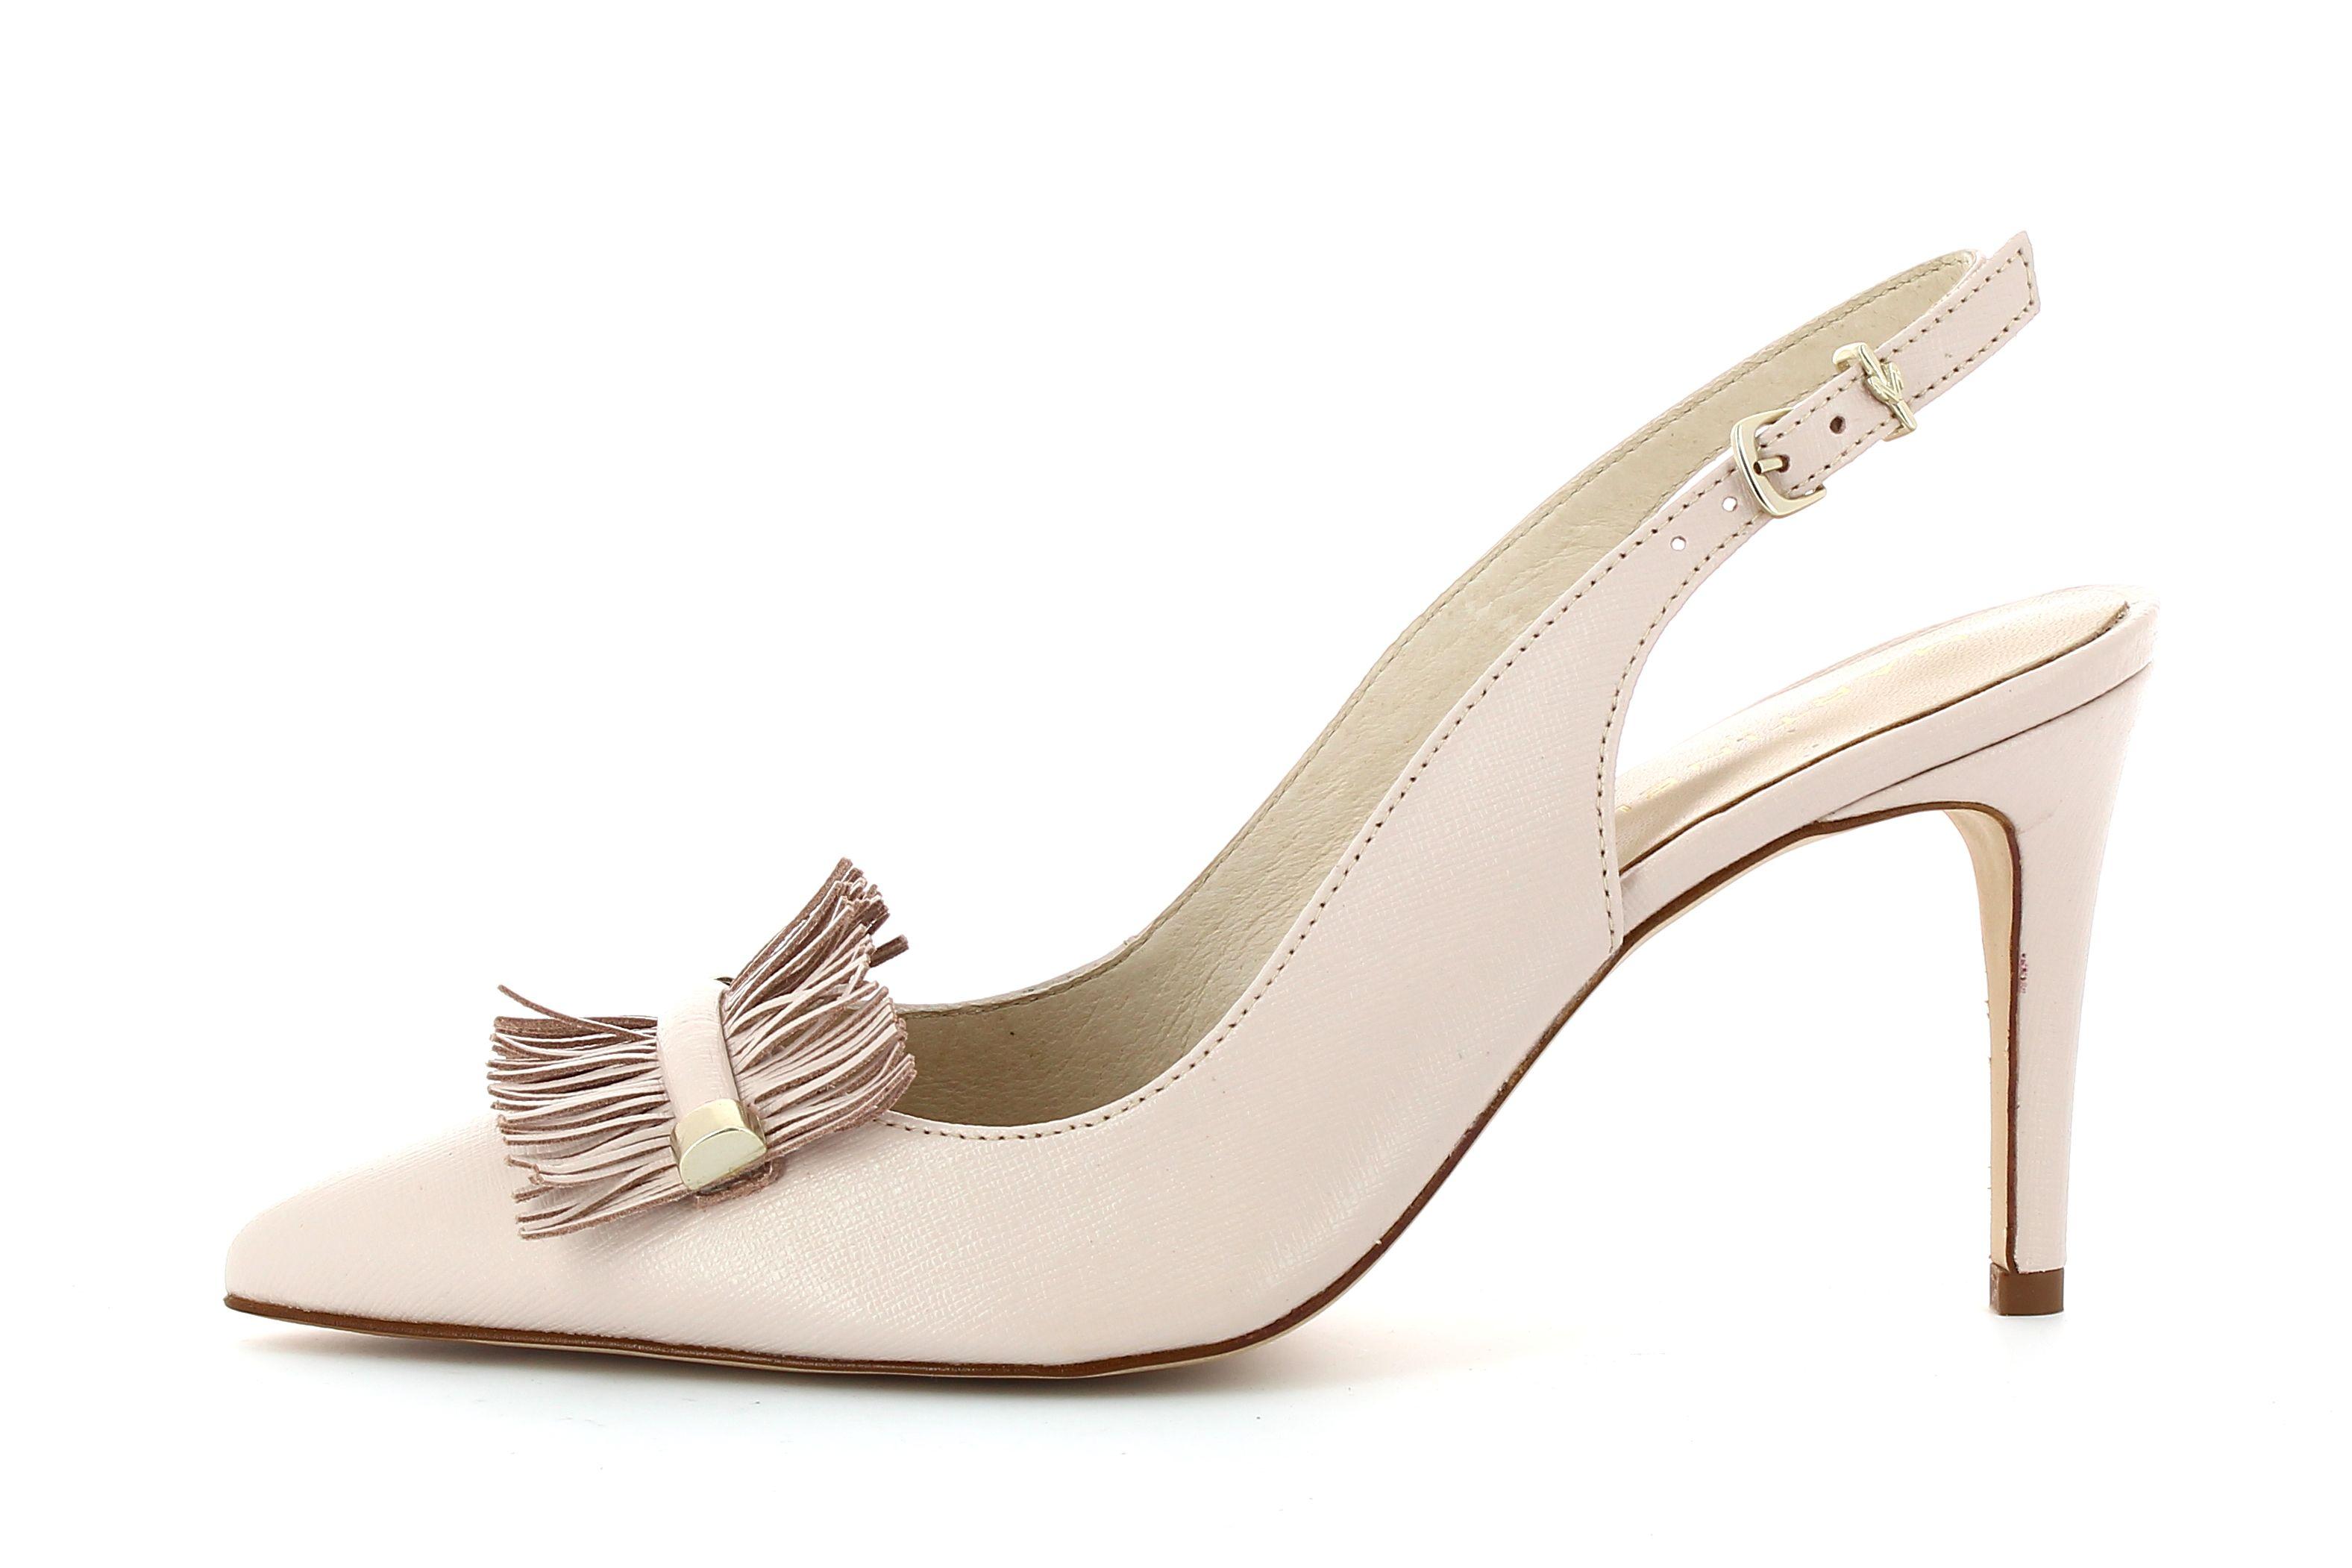 Colección martinelli madeinspain En Nueva Zapatos Destalonados HTqIff